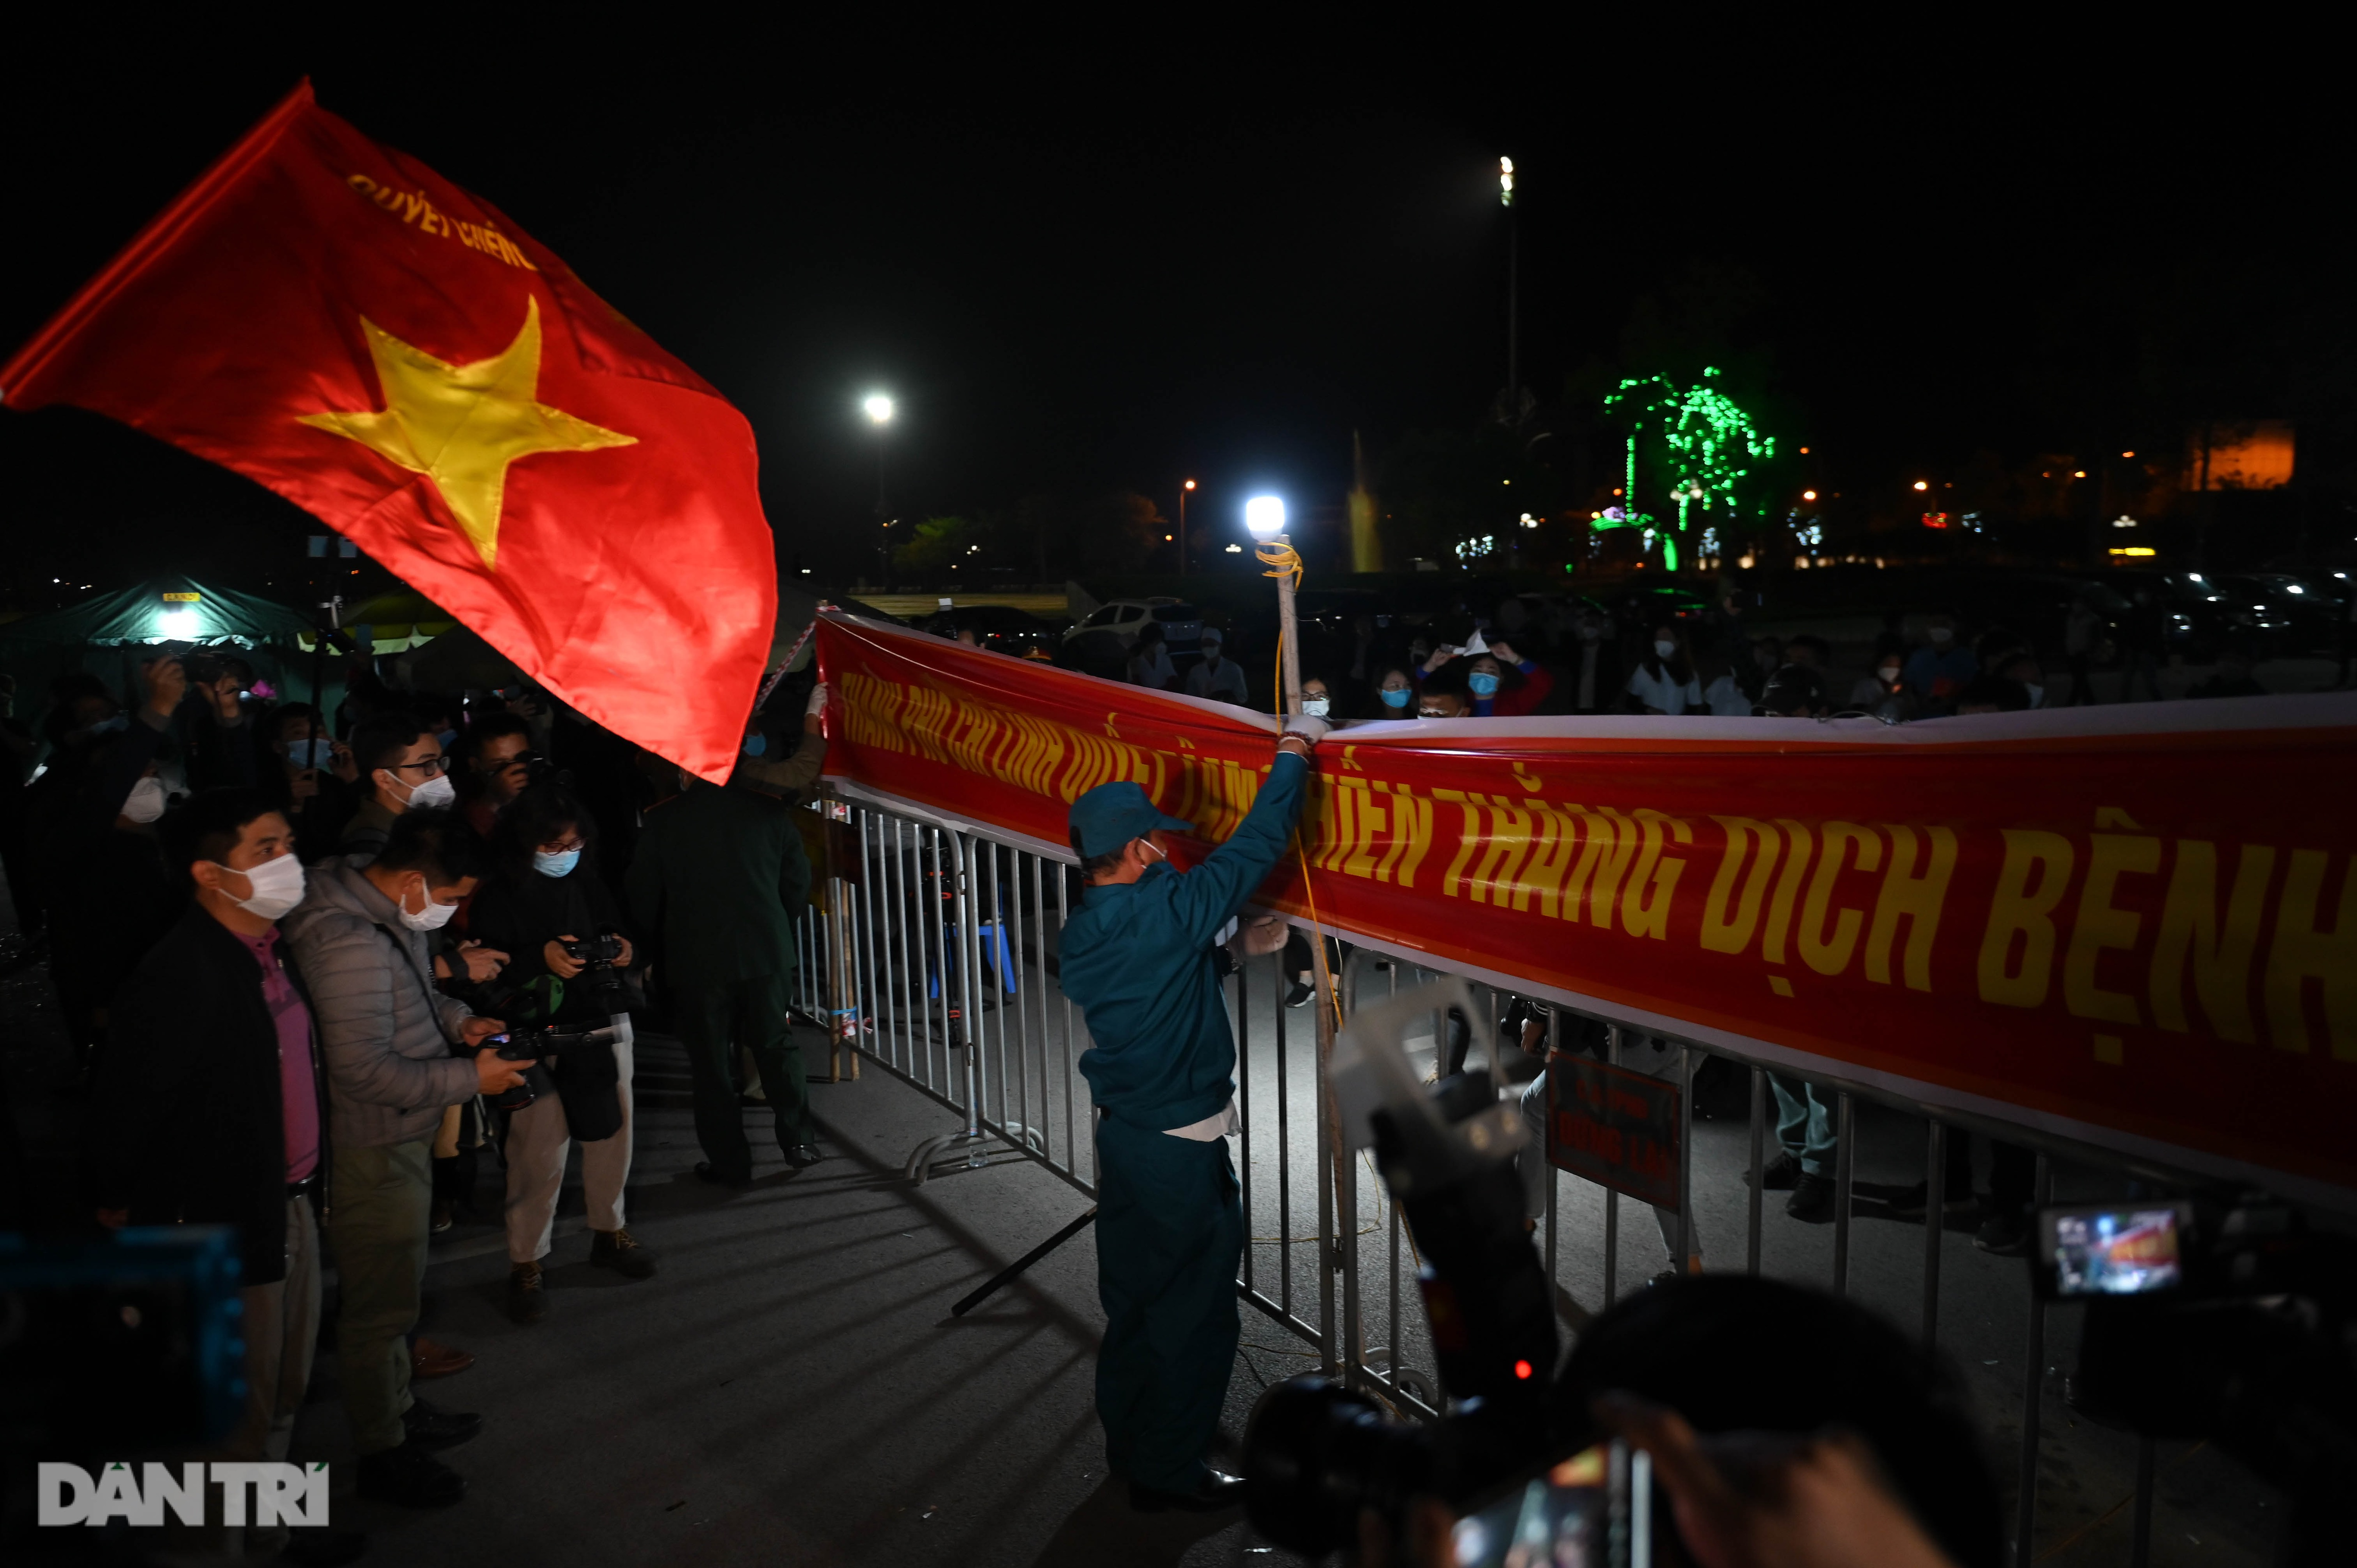 Pháo hoa rực rỡ, người dân vỡ òa cảm xúc khi TP Chí Linh được gỡ phong tỏa - Ảnh 10.